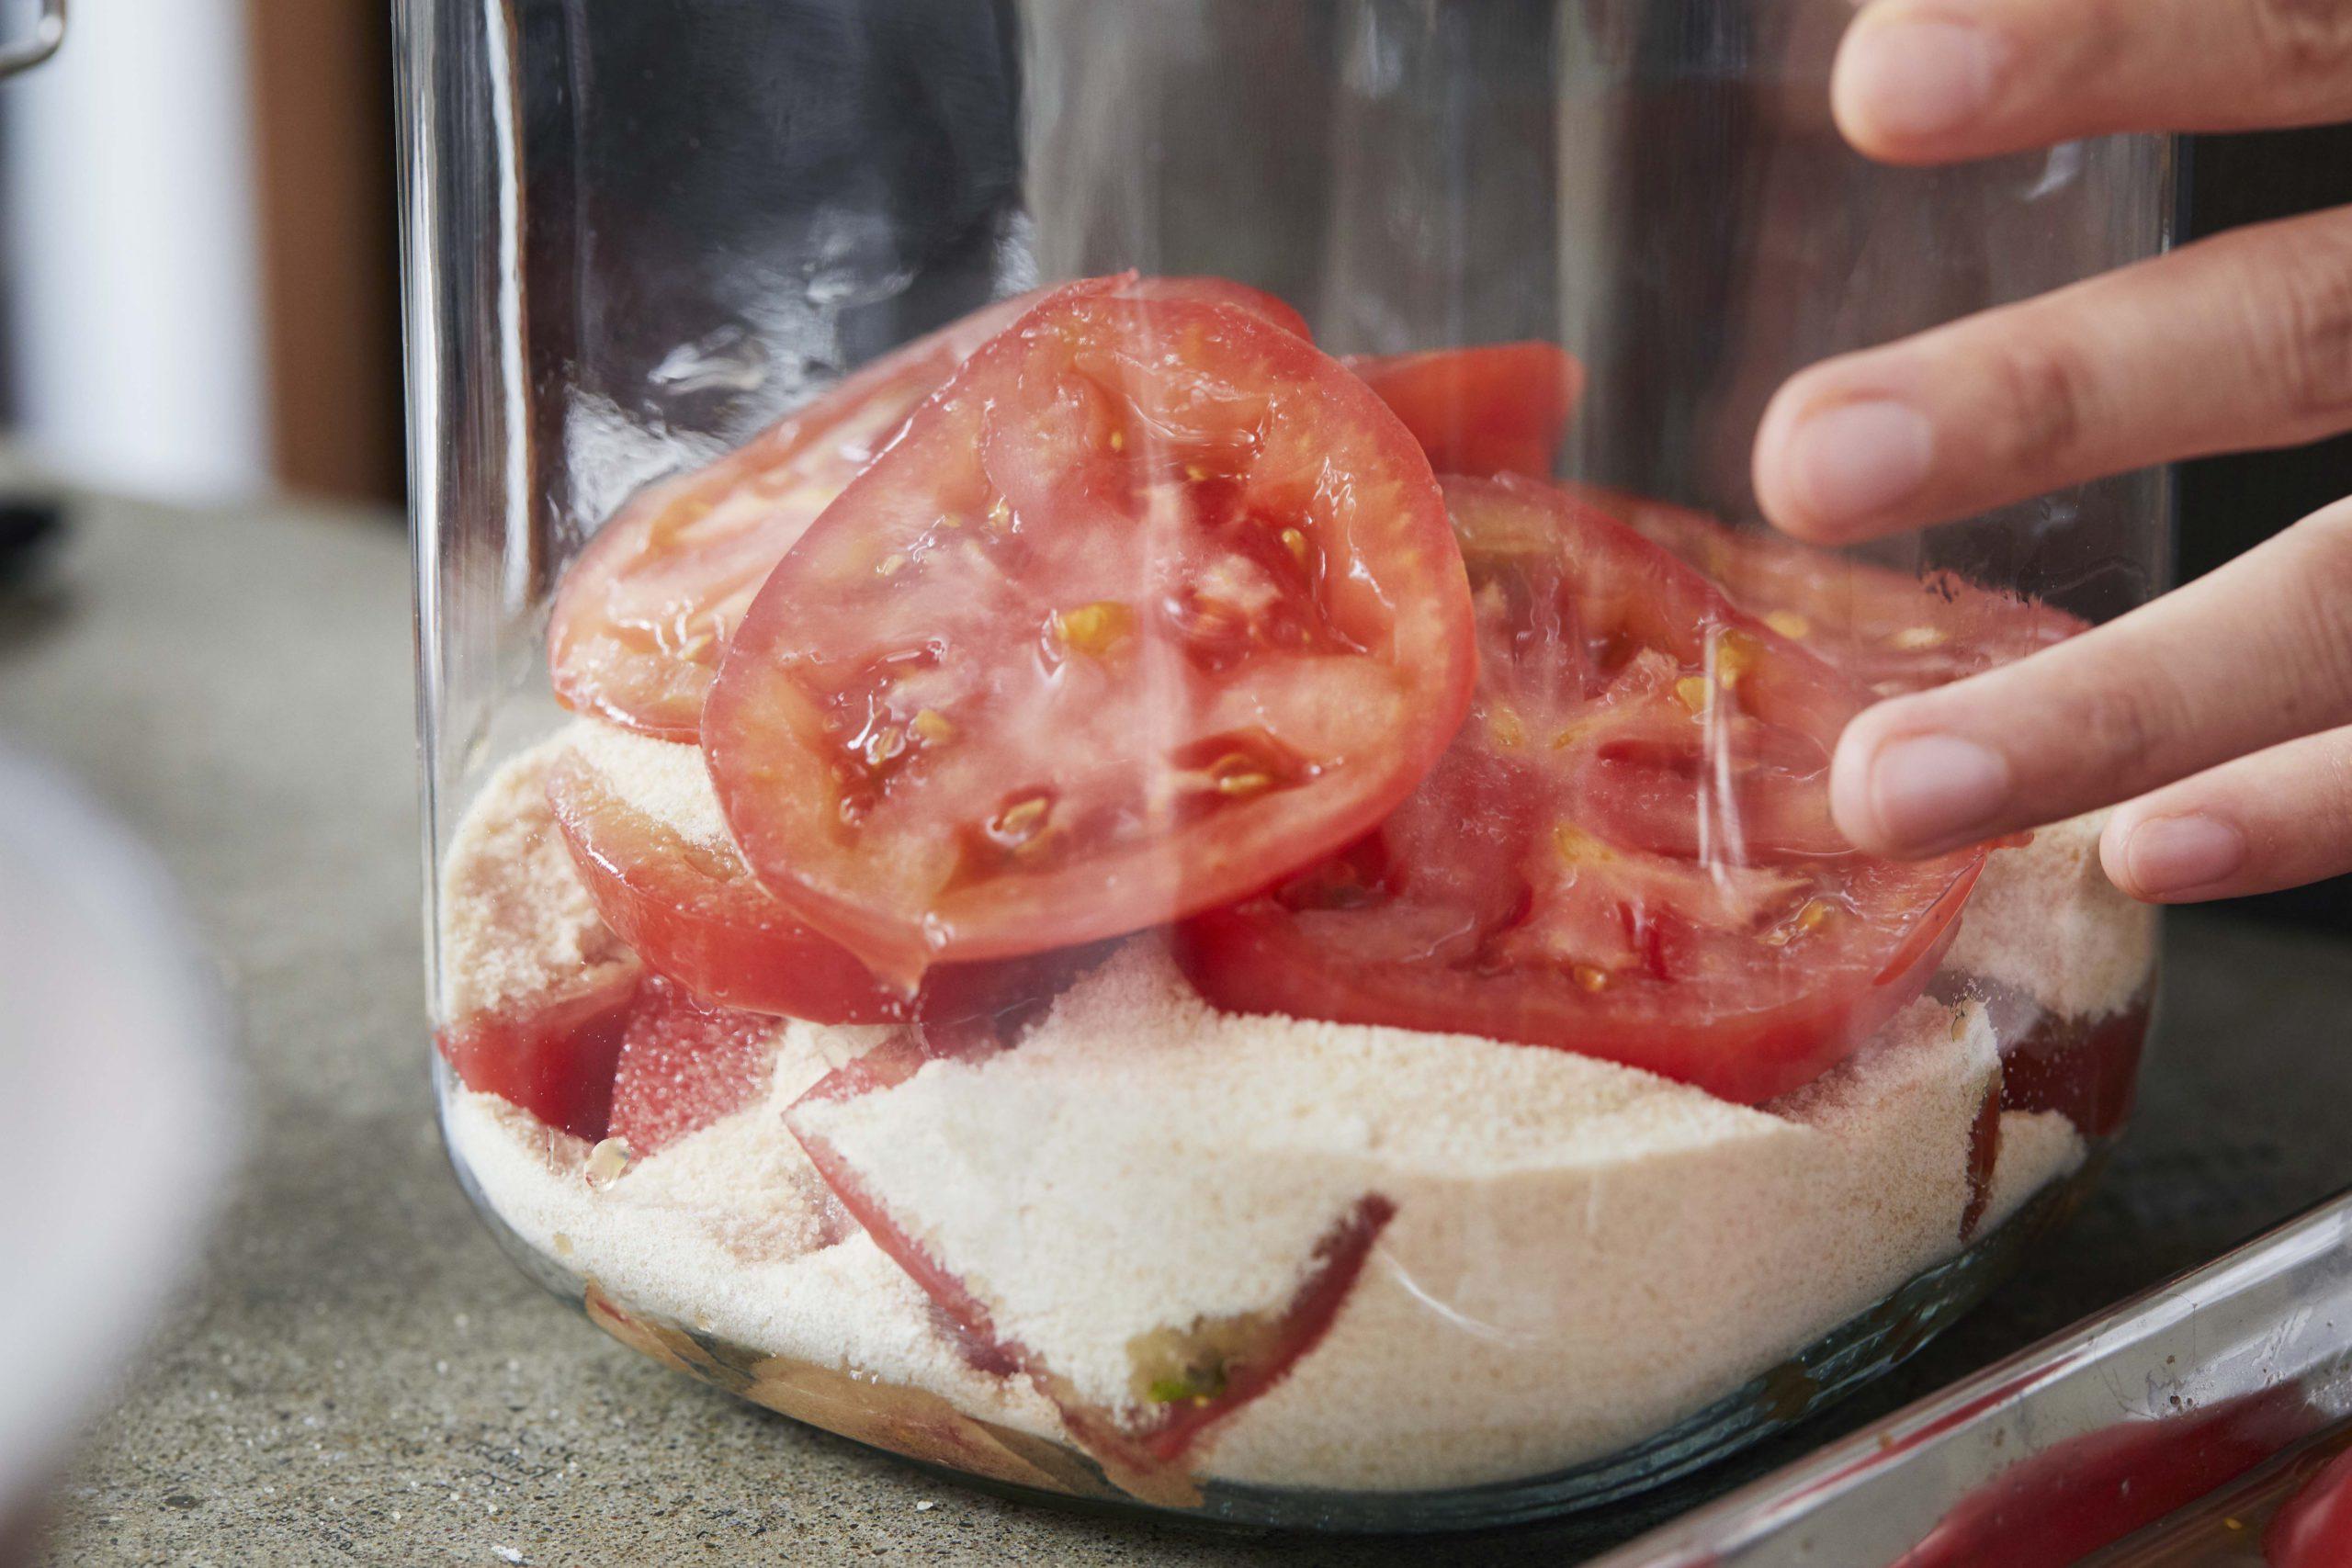 果物(今回はトマト)を良く洗ってスライスする。瓶に、砂糖、トマト、砂糖、トマトと、交互に重ね最後を砂糖でしめる。